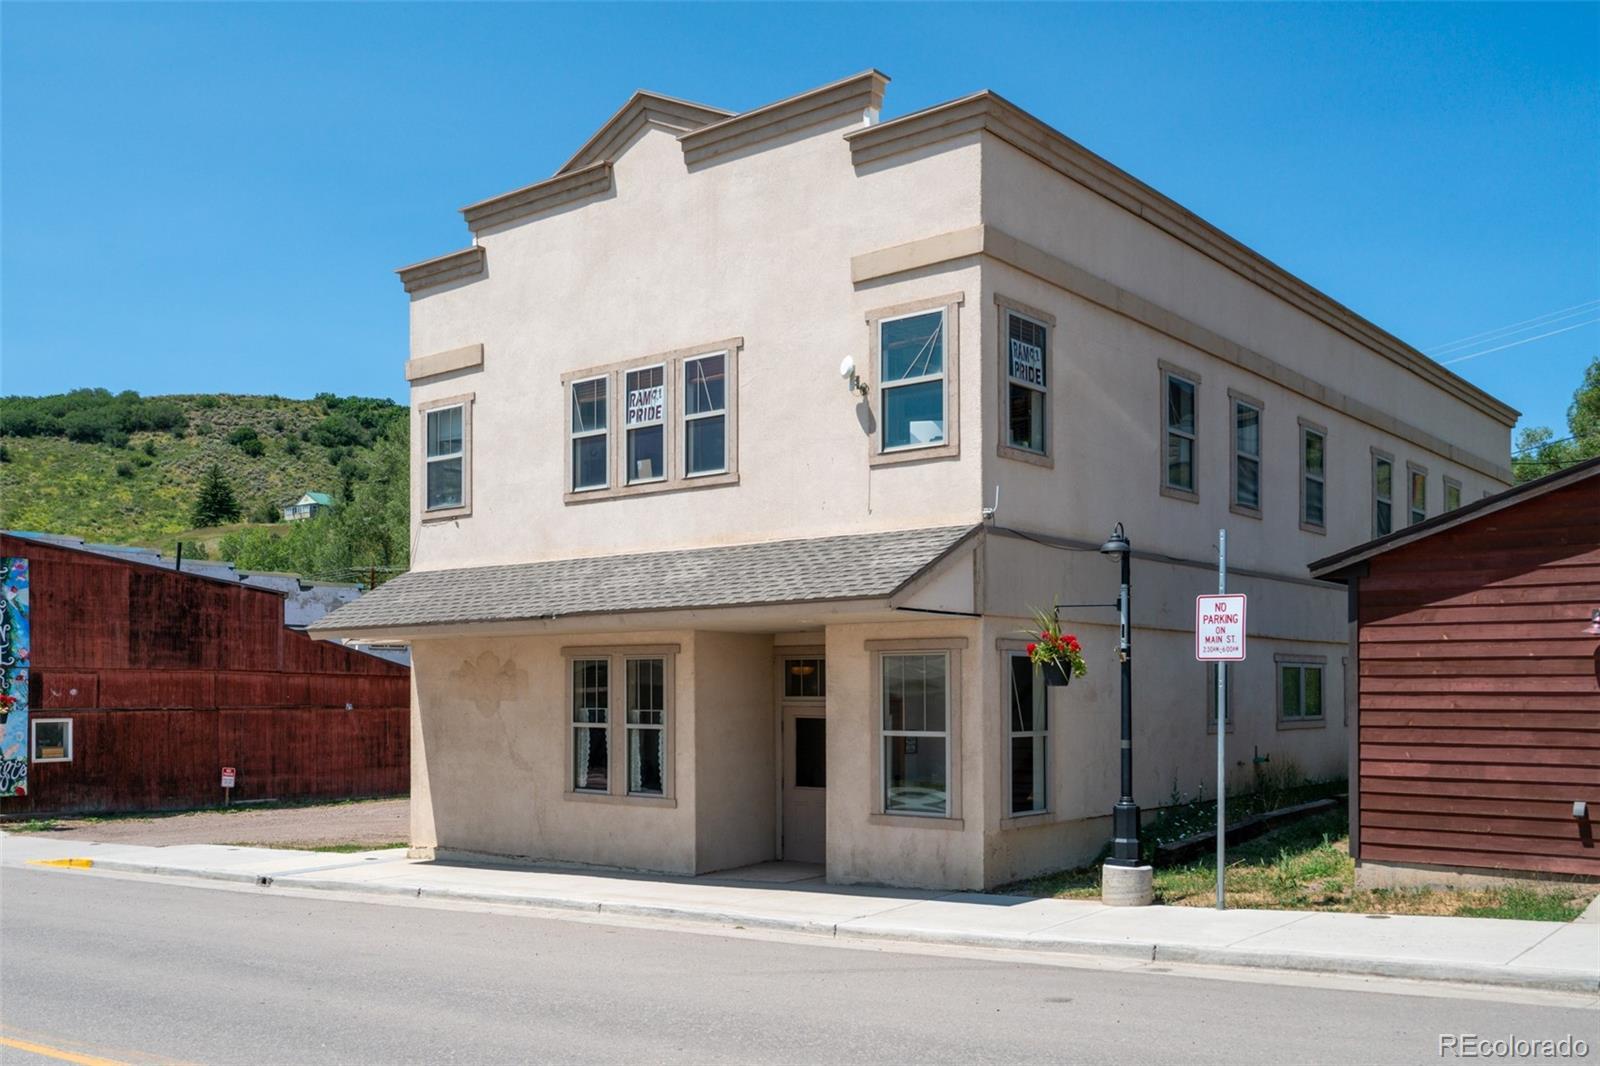 MLS# 2223232 - 5 - 117 E Main Street, Oak Creek, CO 80467